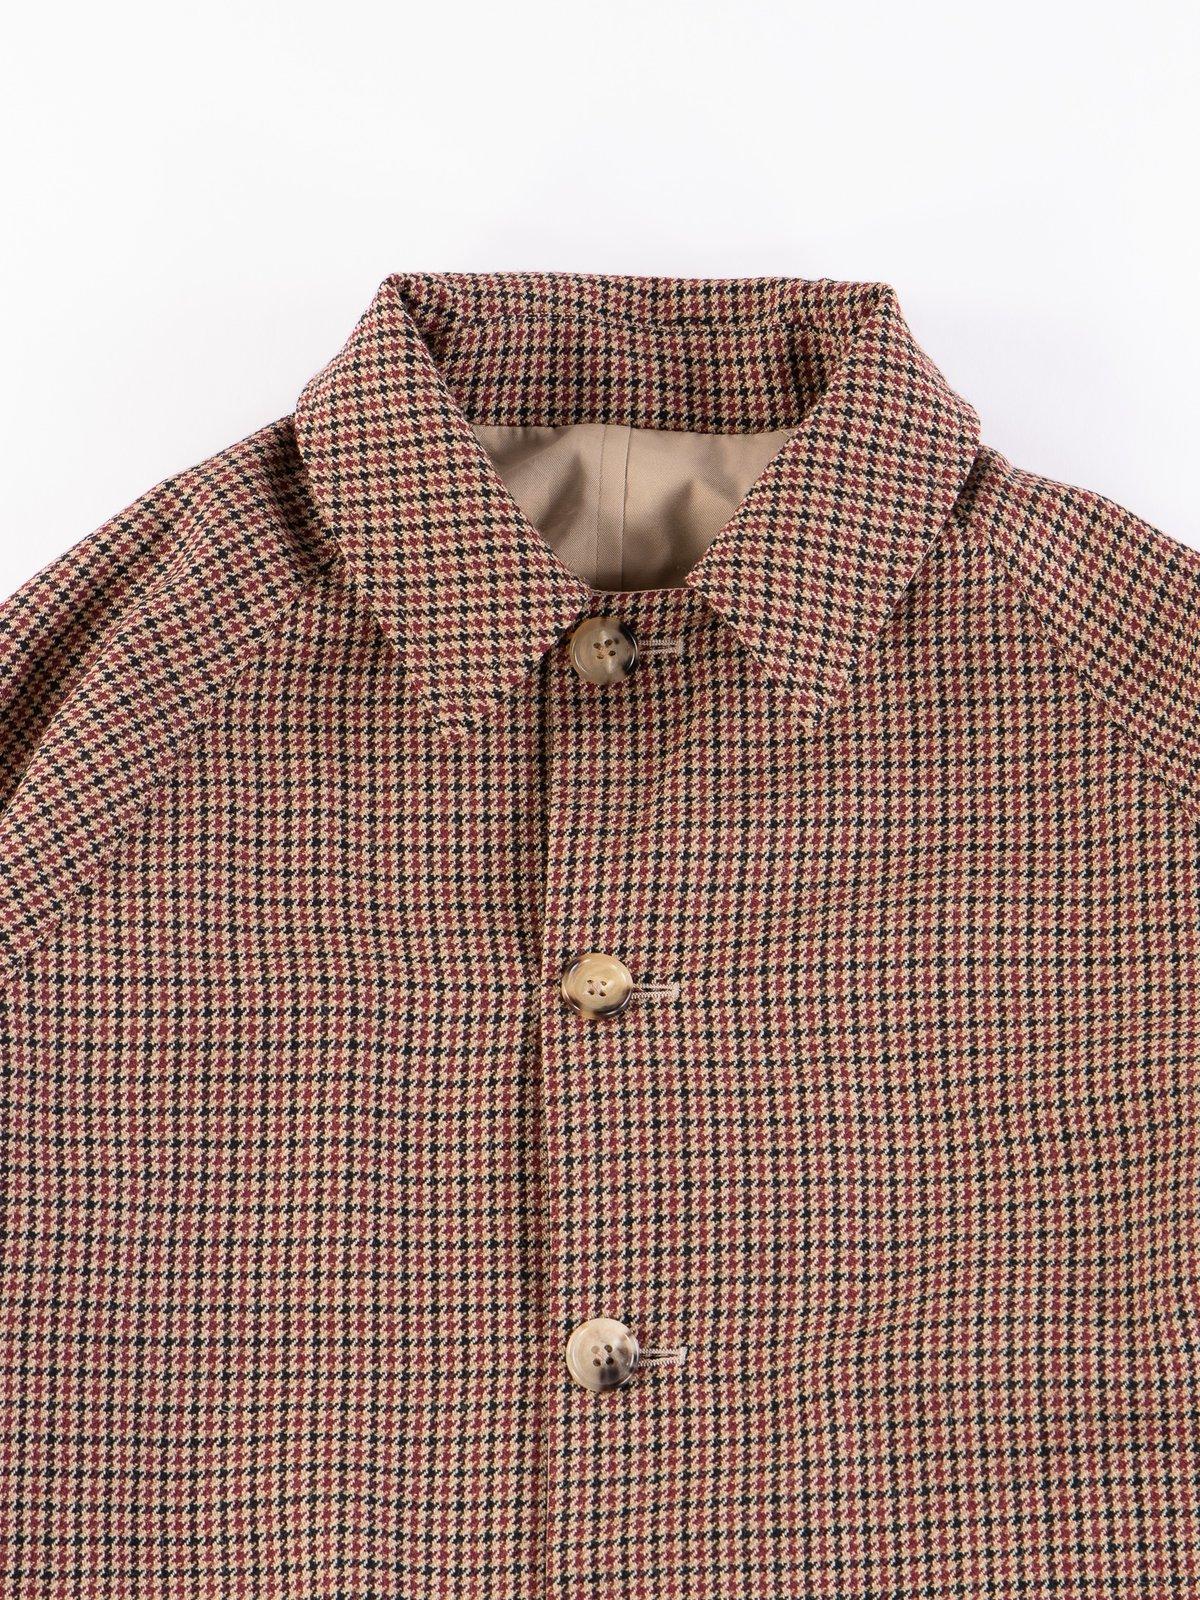 Light Khaki/Gunclub Reversible Balmacaan Coat - Image 8